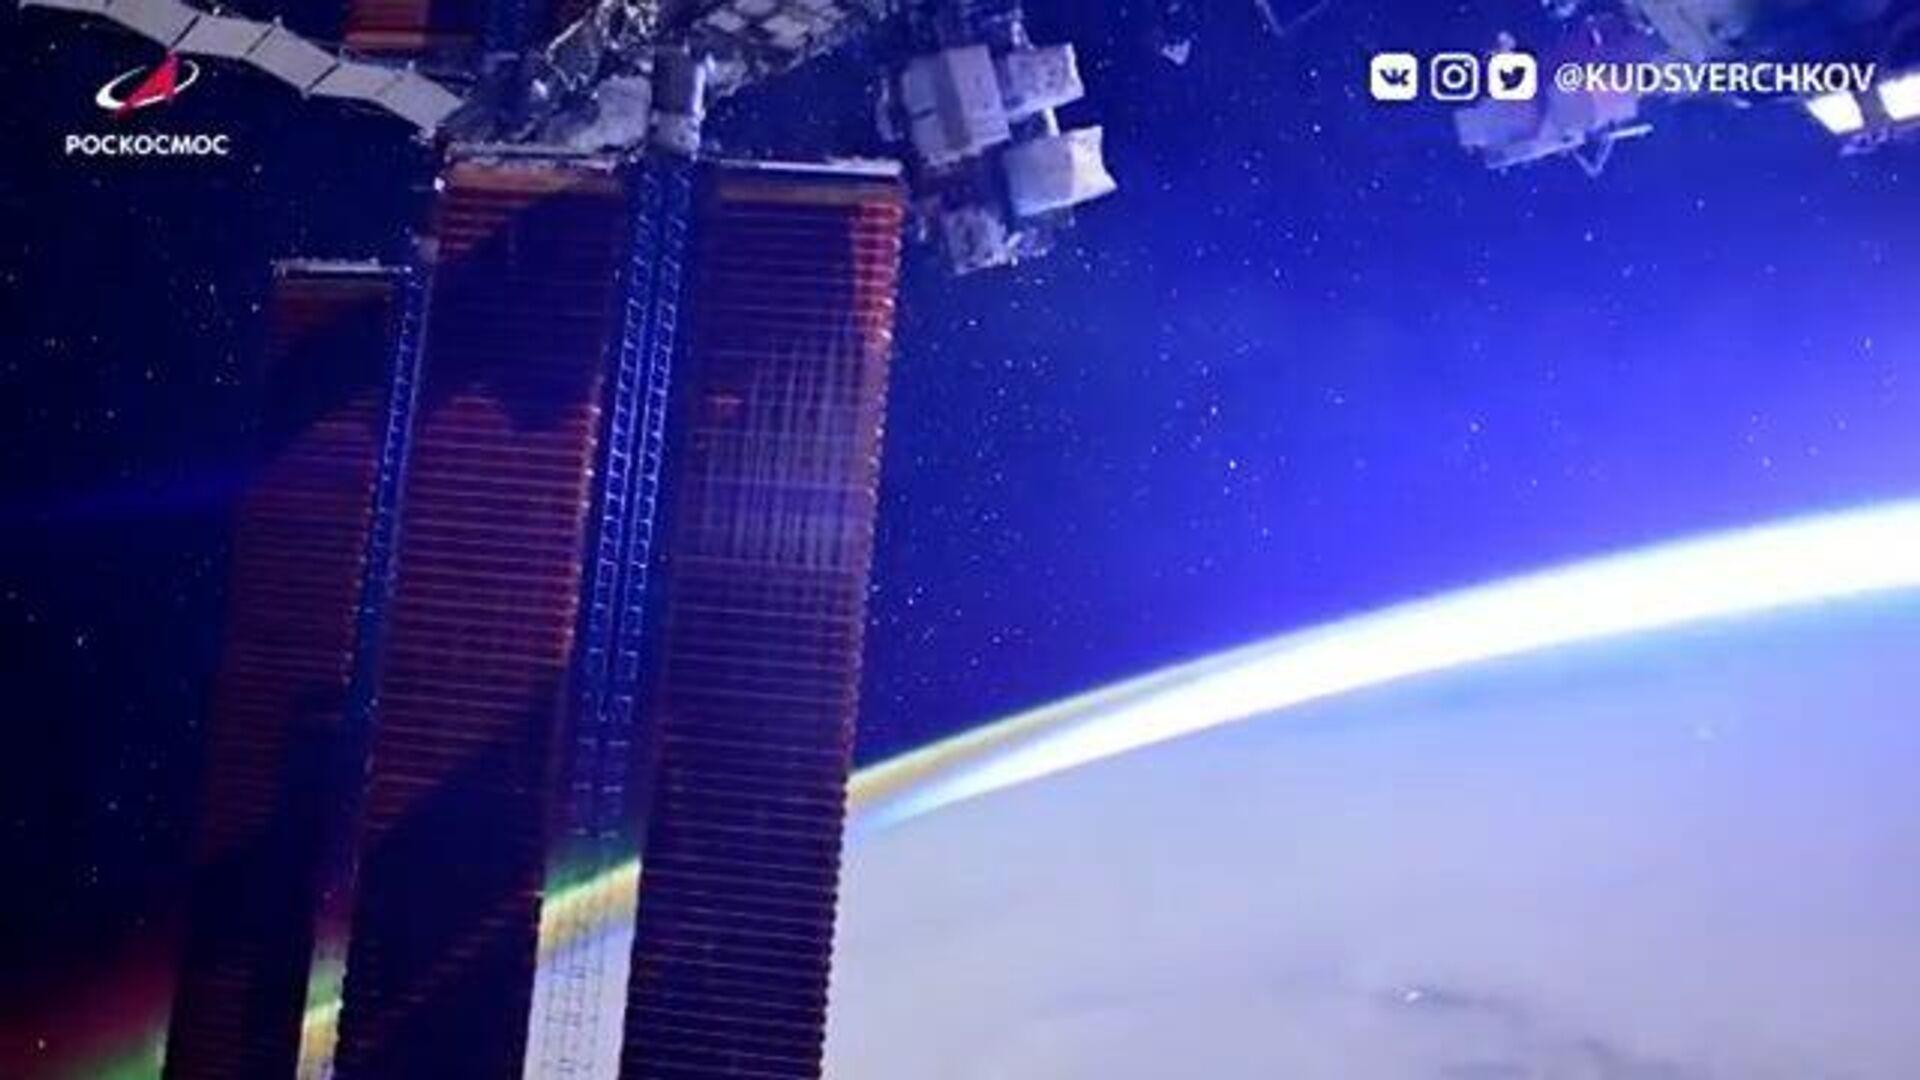 Кадры с орбиты: северное сияние, рассвет, Млечный путь и миллионы звезд - РИА Новости, 1920, 14.01.2021